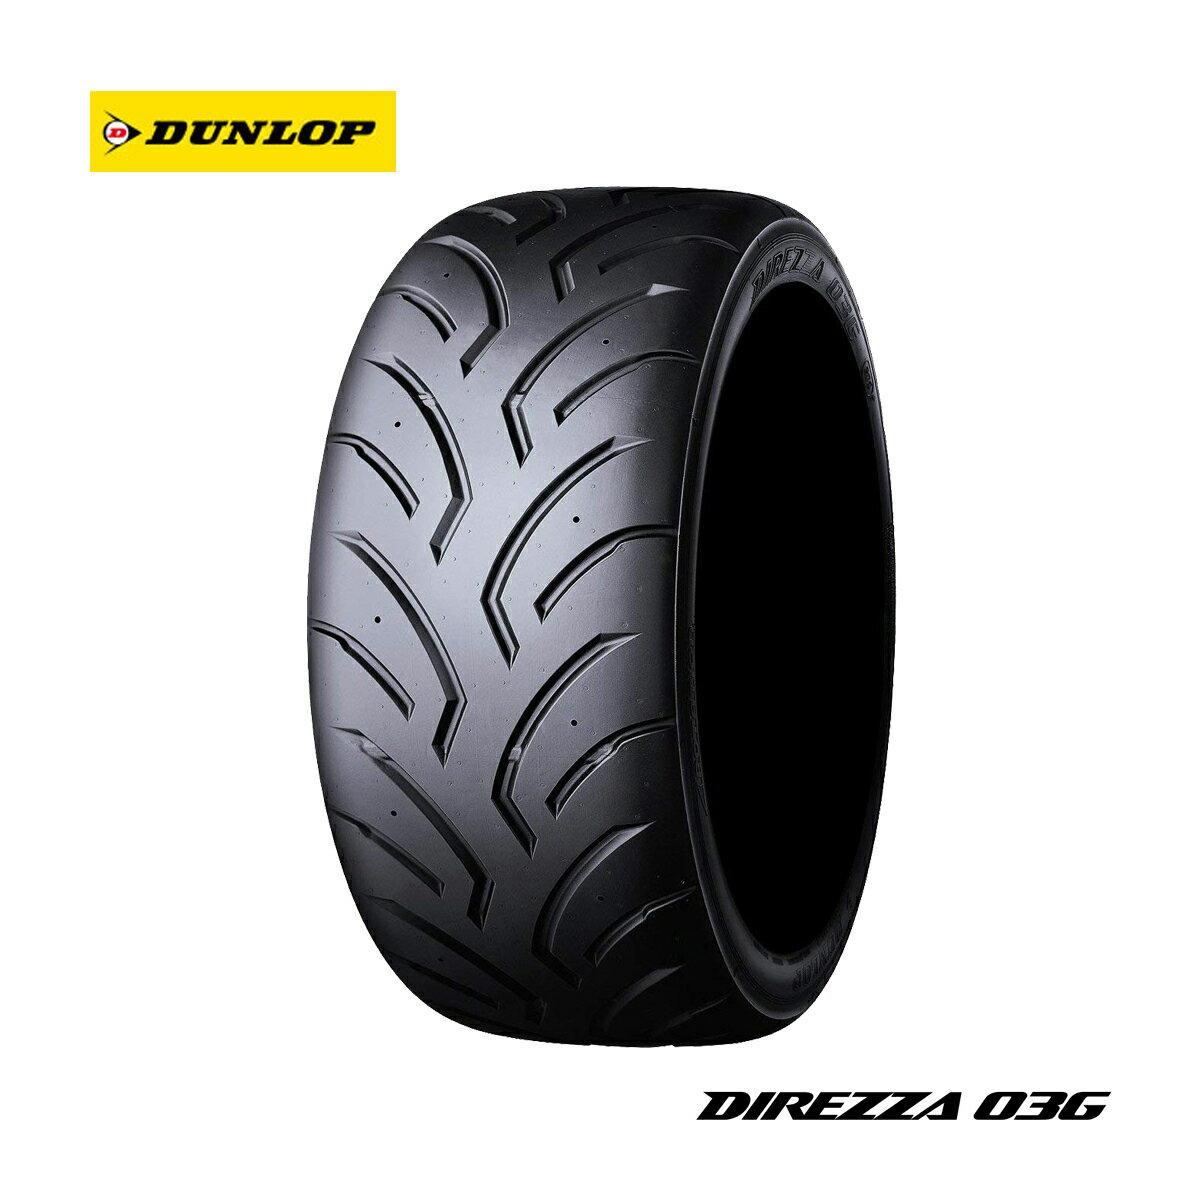 DUNLOP ダンロップ Sタイヤ ハイグリップ モータースポーツ 4本 セット 18インチ 265/35R18 DIREZZA ディレッツァ 03G コンパウンド M2